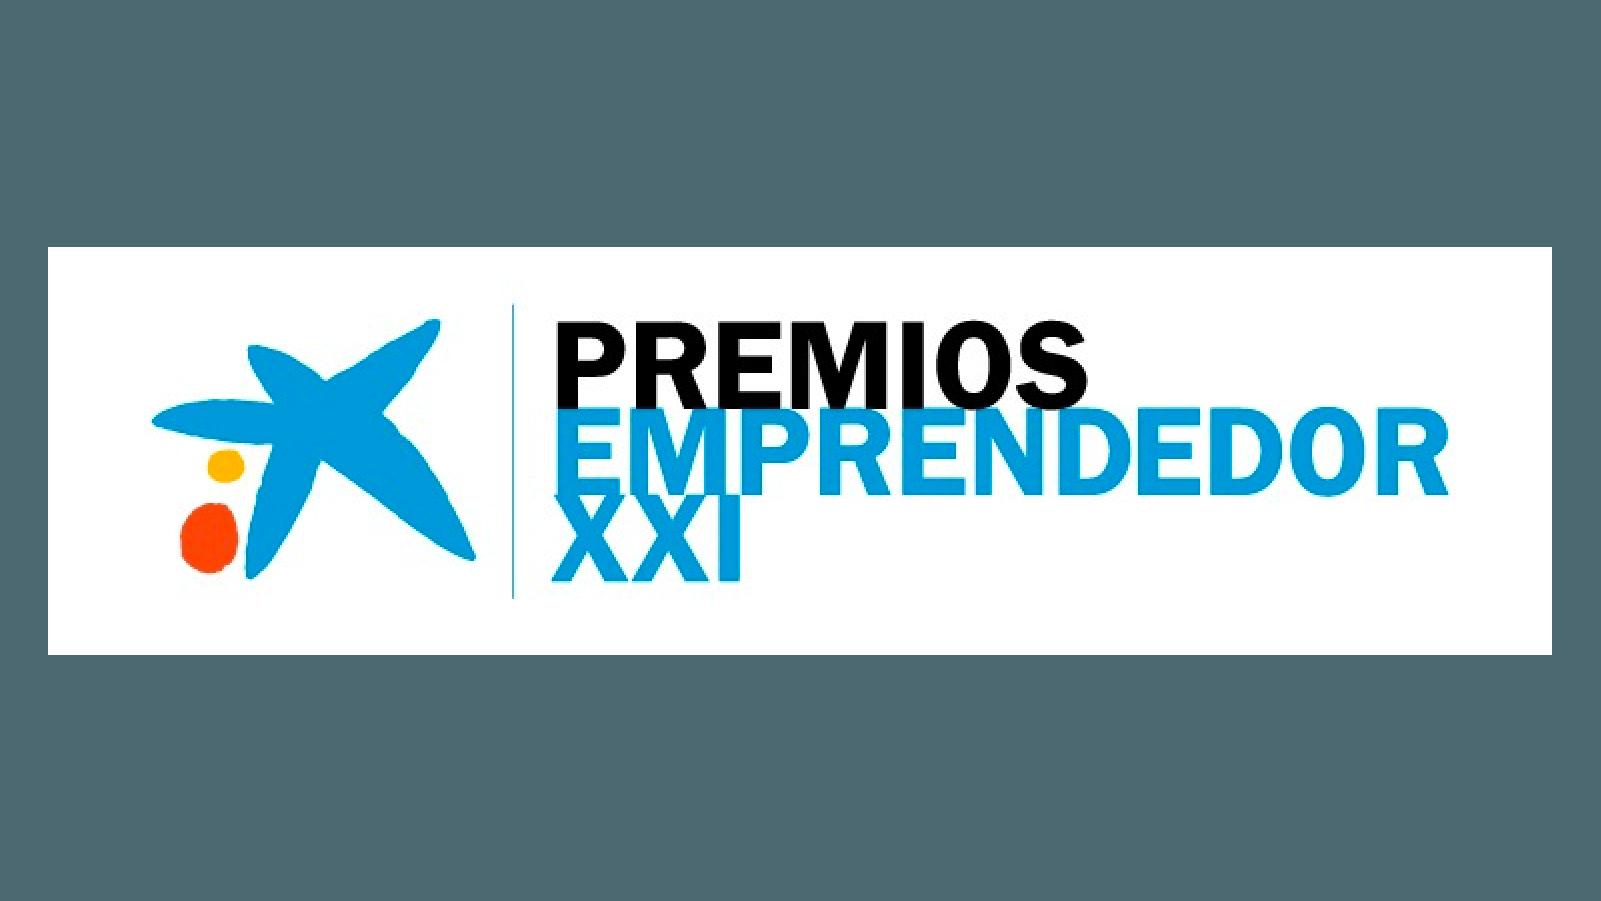 Premios Emprendedor